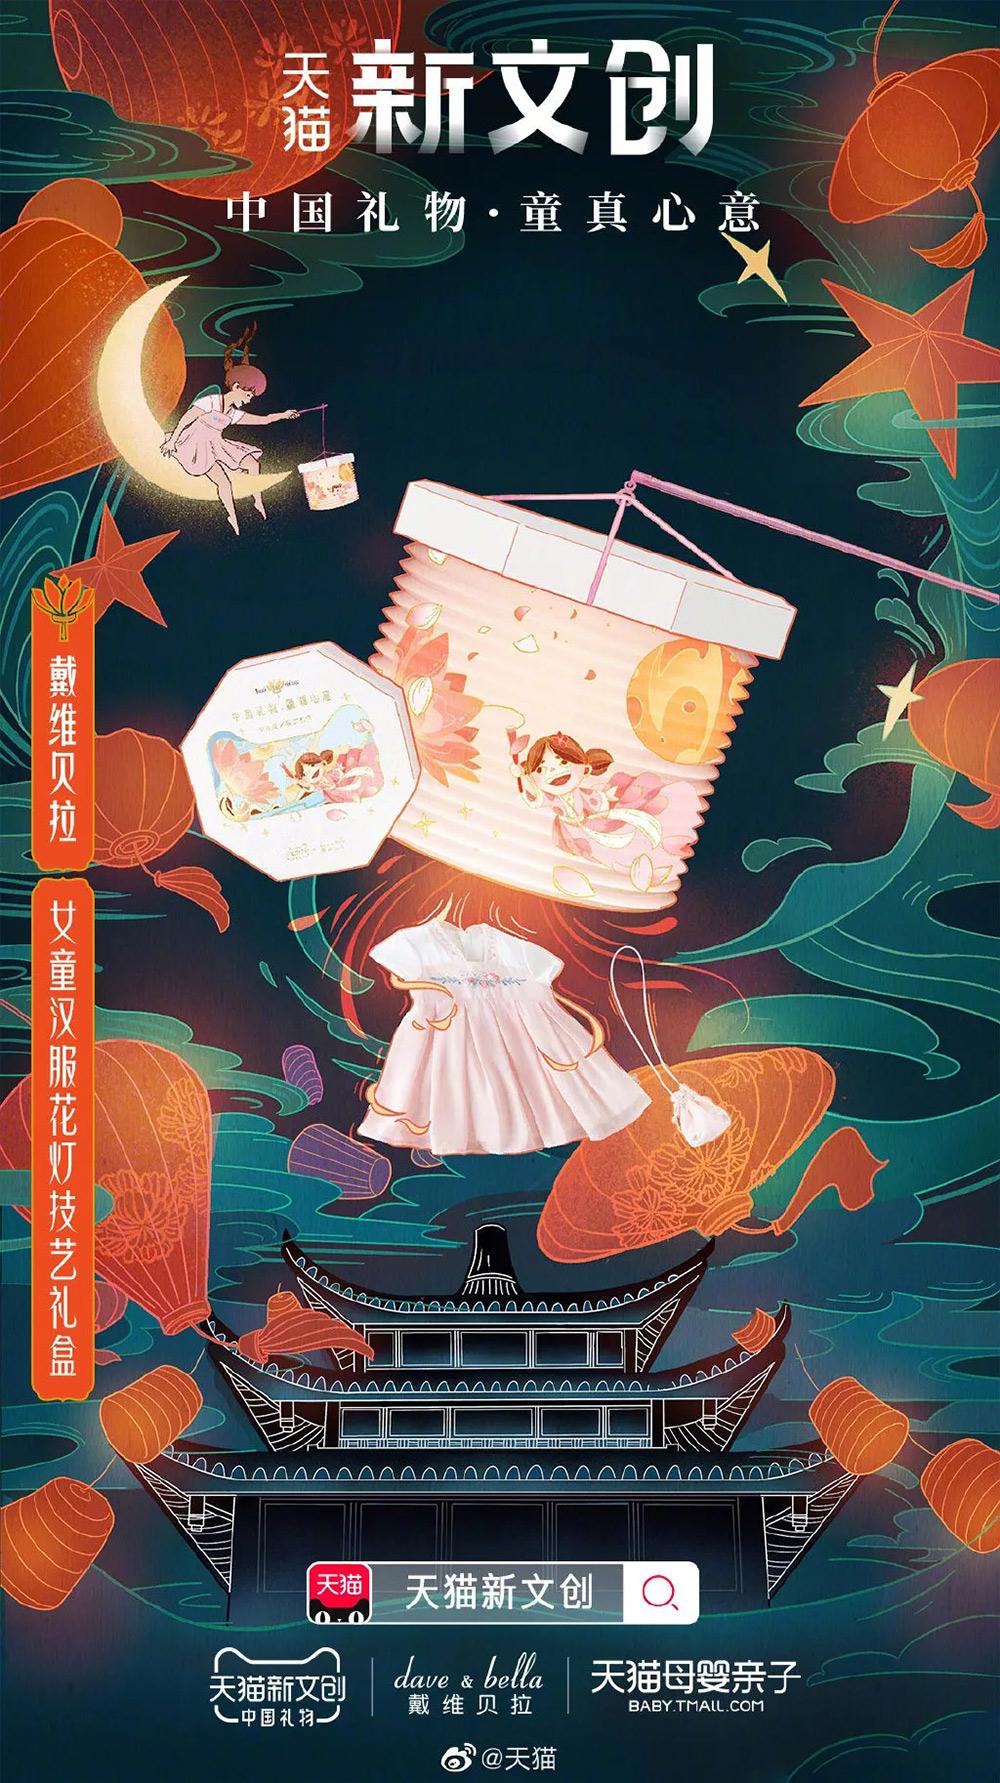 玩转文创联名!12张耐人寻味的天猫新文创海报